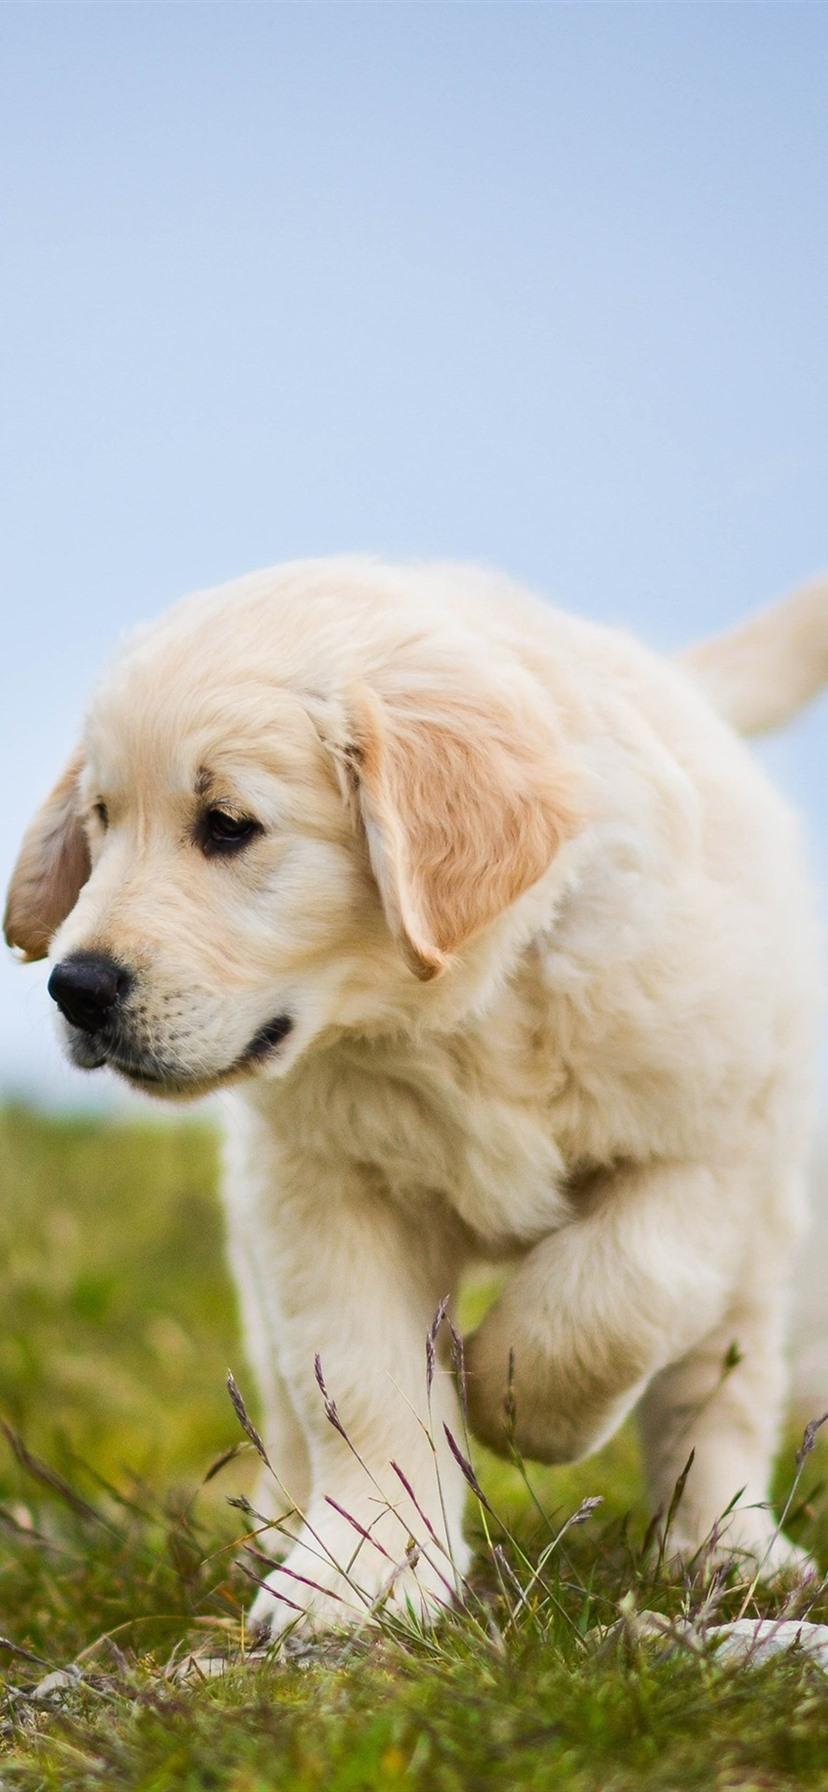 Golden Retriever Cute Dog Puppy Grass 1080x1920 Iphone 8 7 6 6s